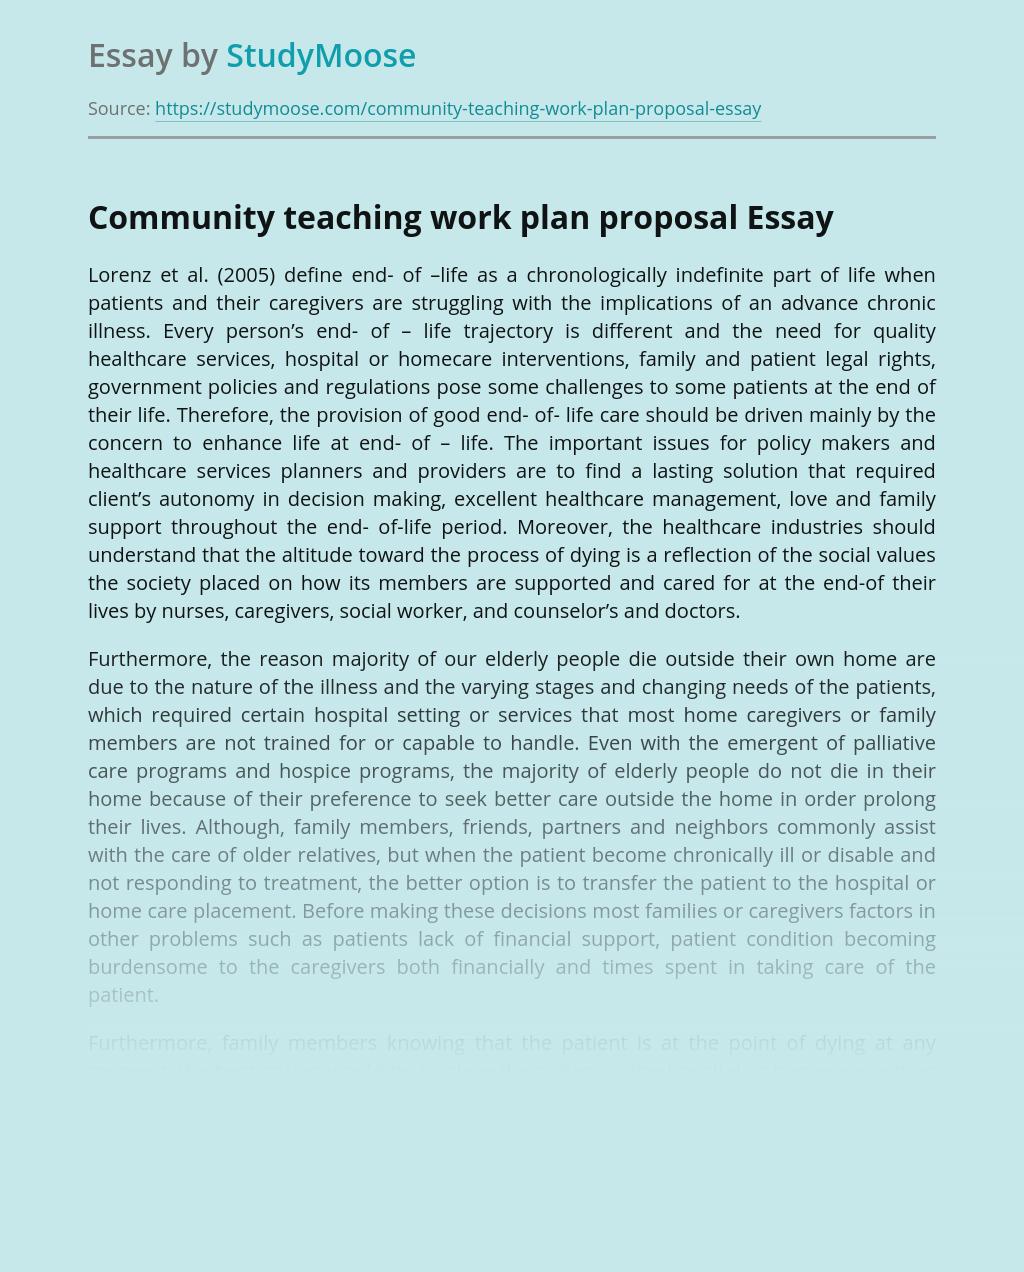 Community teaching work plan proposal